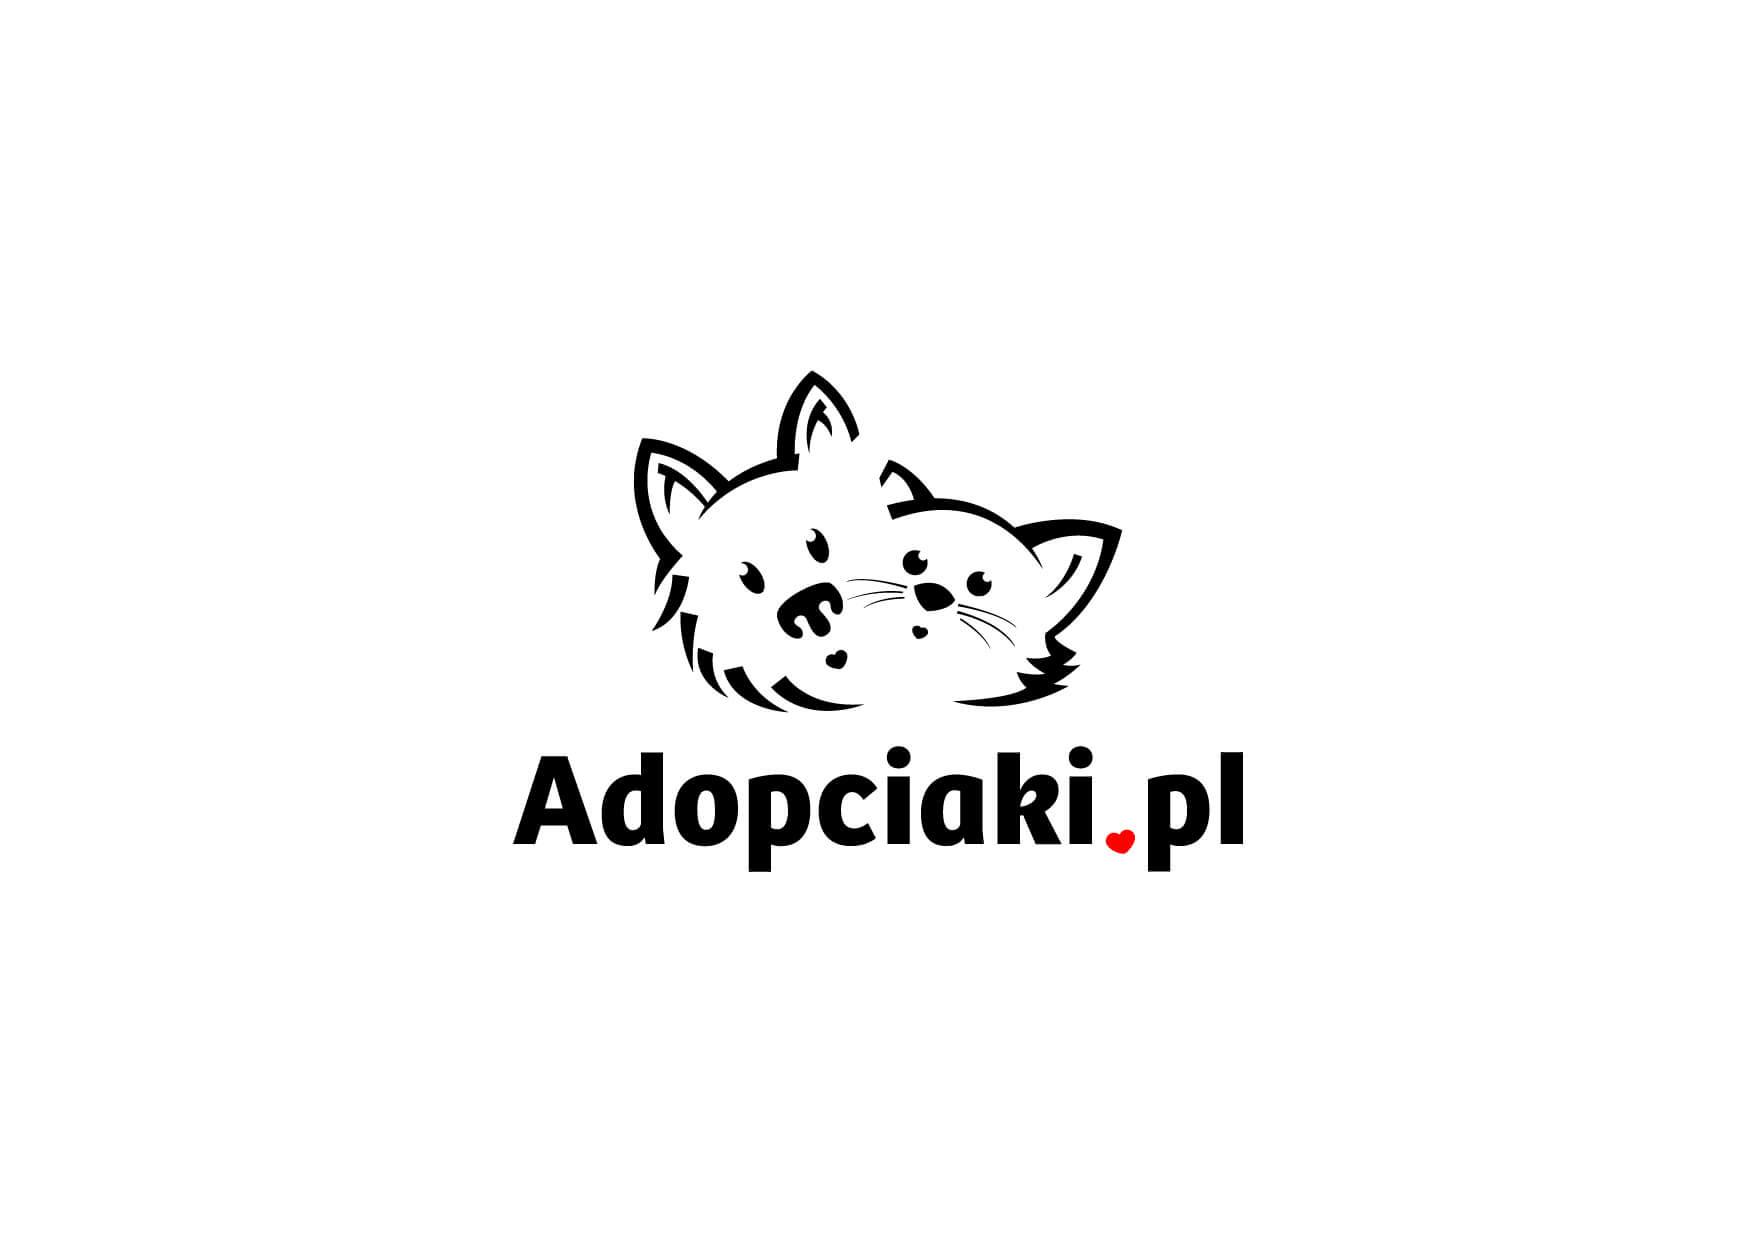 Logo Adopciaki.pl – Częstochowa